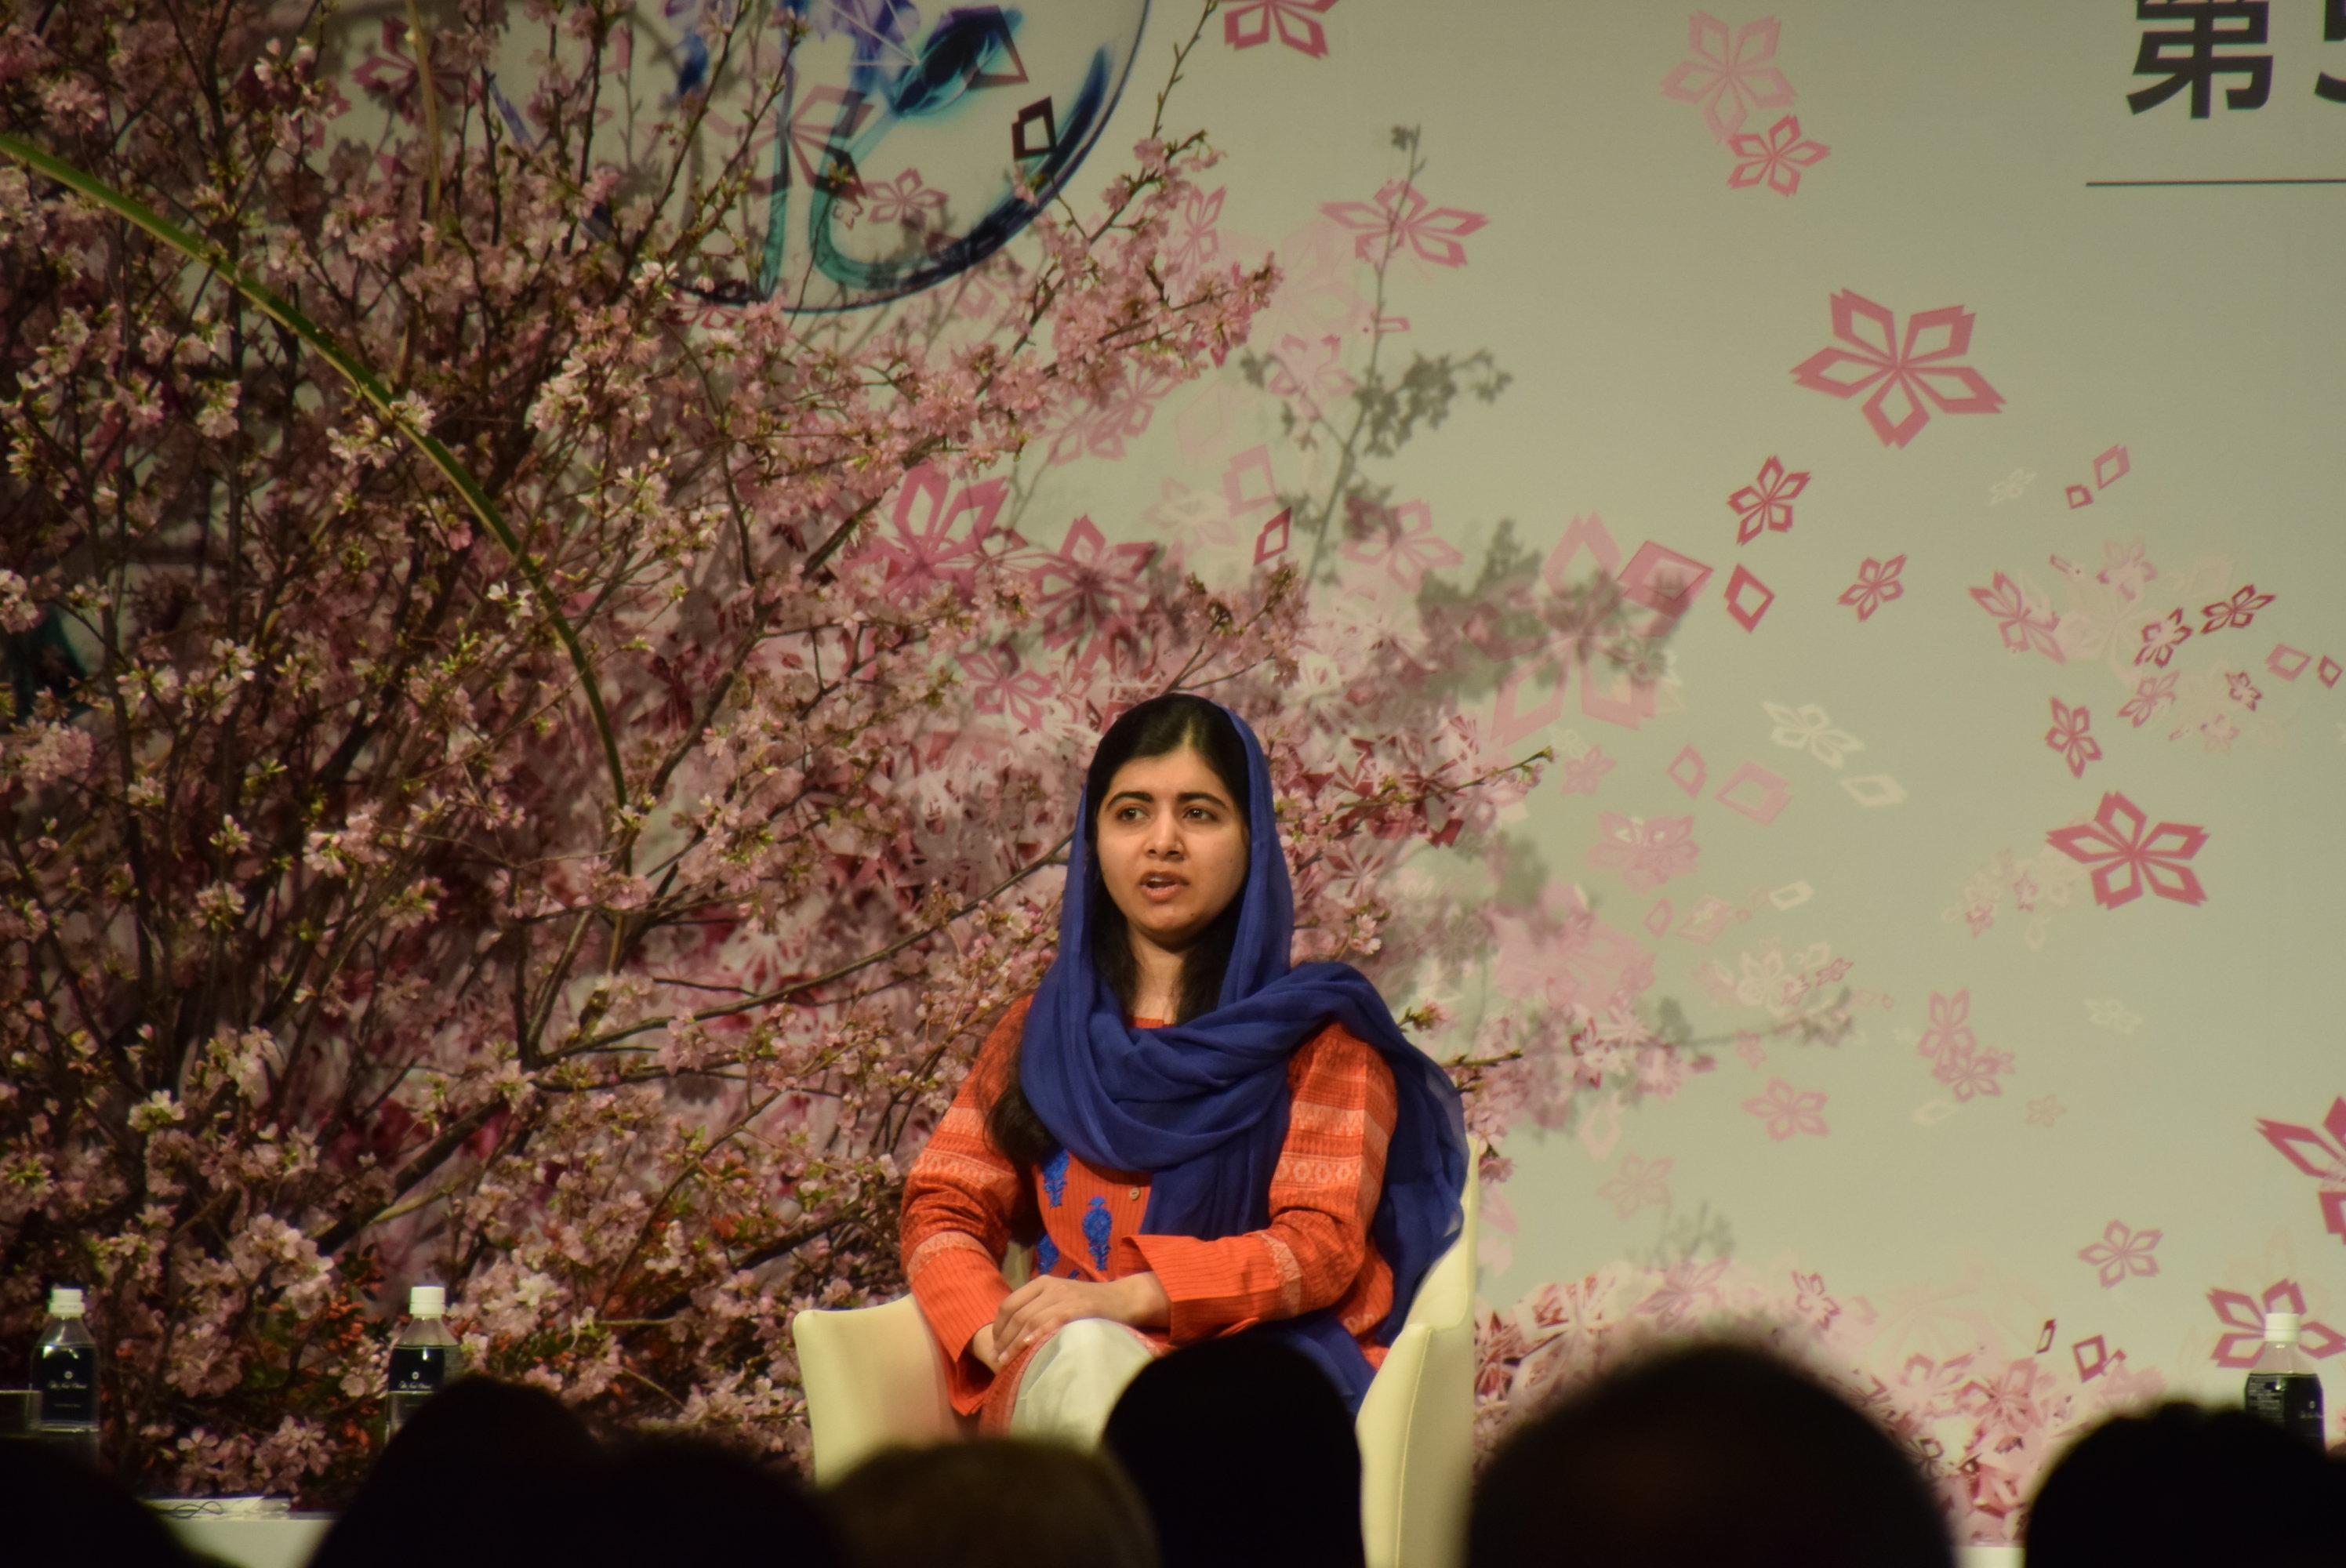 マララさん初来日で、安倍晋三首相は女子教育への支援を表明 会場はパンク